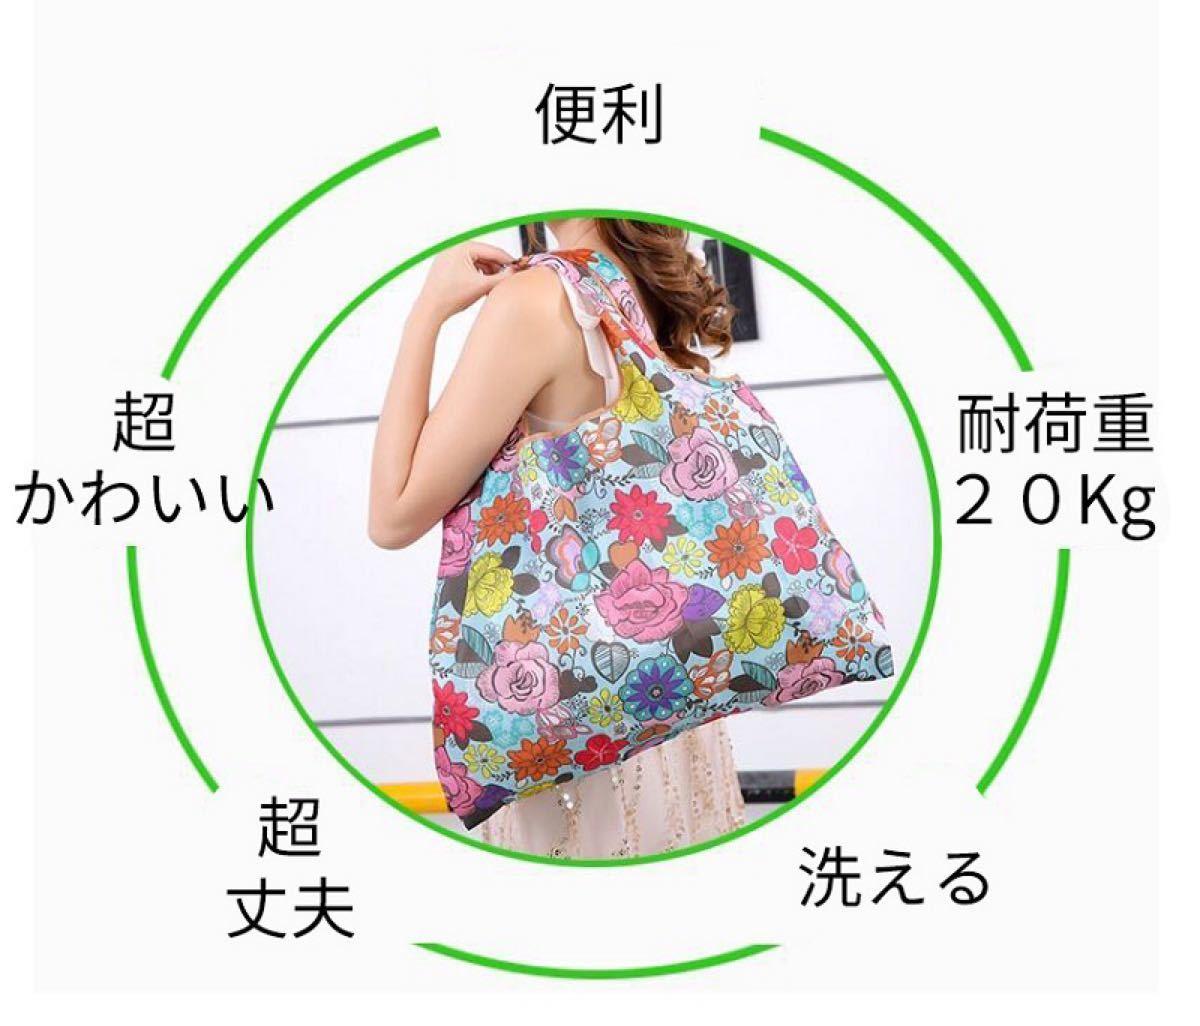 エコバッグ 軽量 頑丈 10柄から選択自由  買い物バック 折畳みエコバッグ